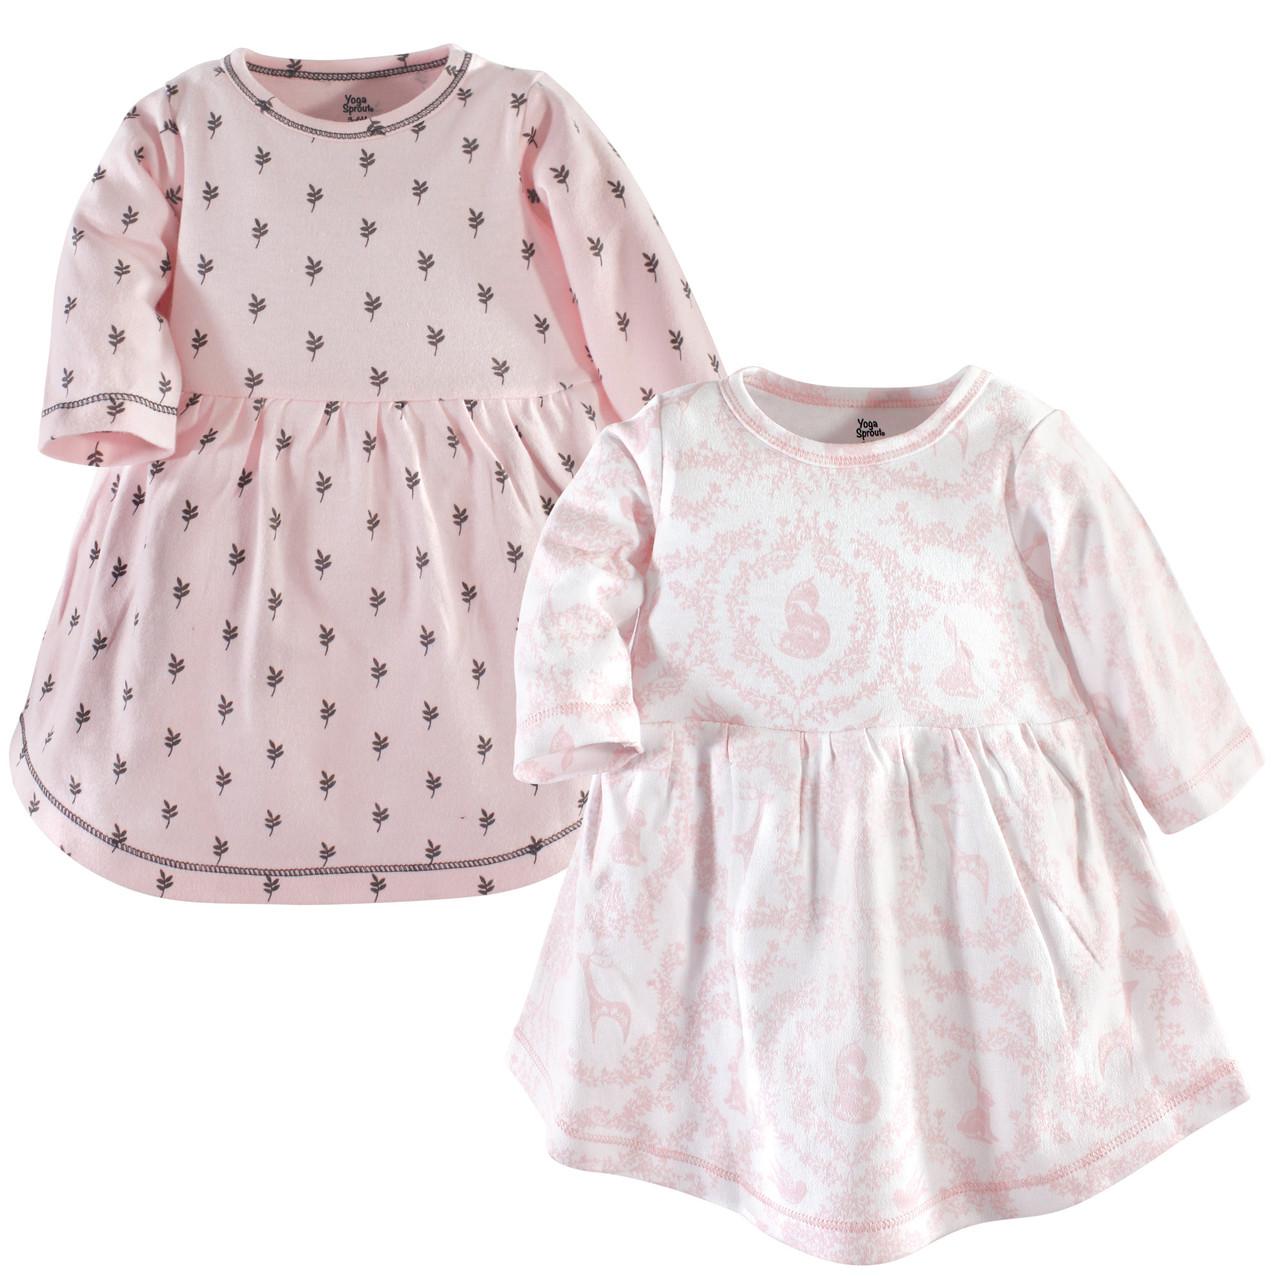 """Набор два платья 3 года """"Lace Garden"""" Yoga Sprout (США)"""